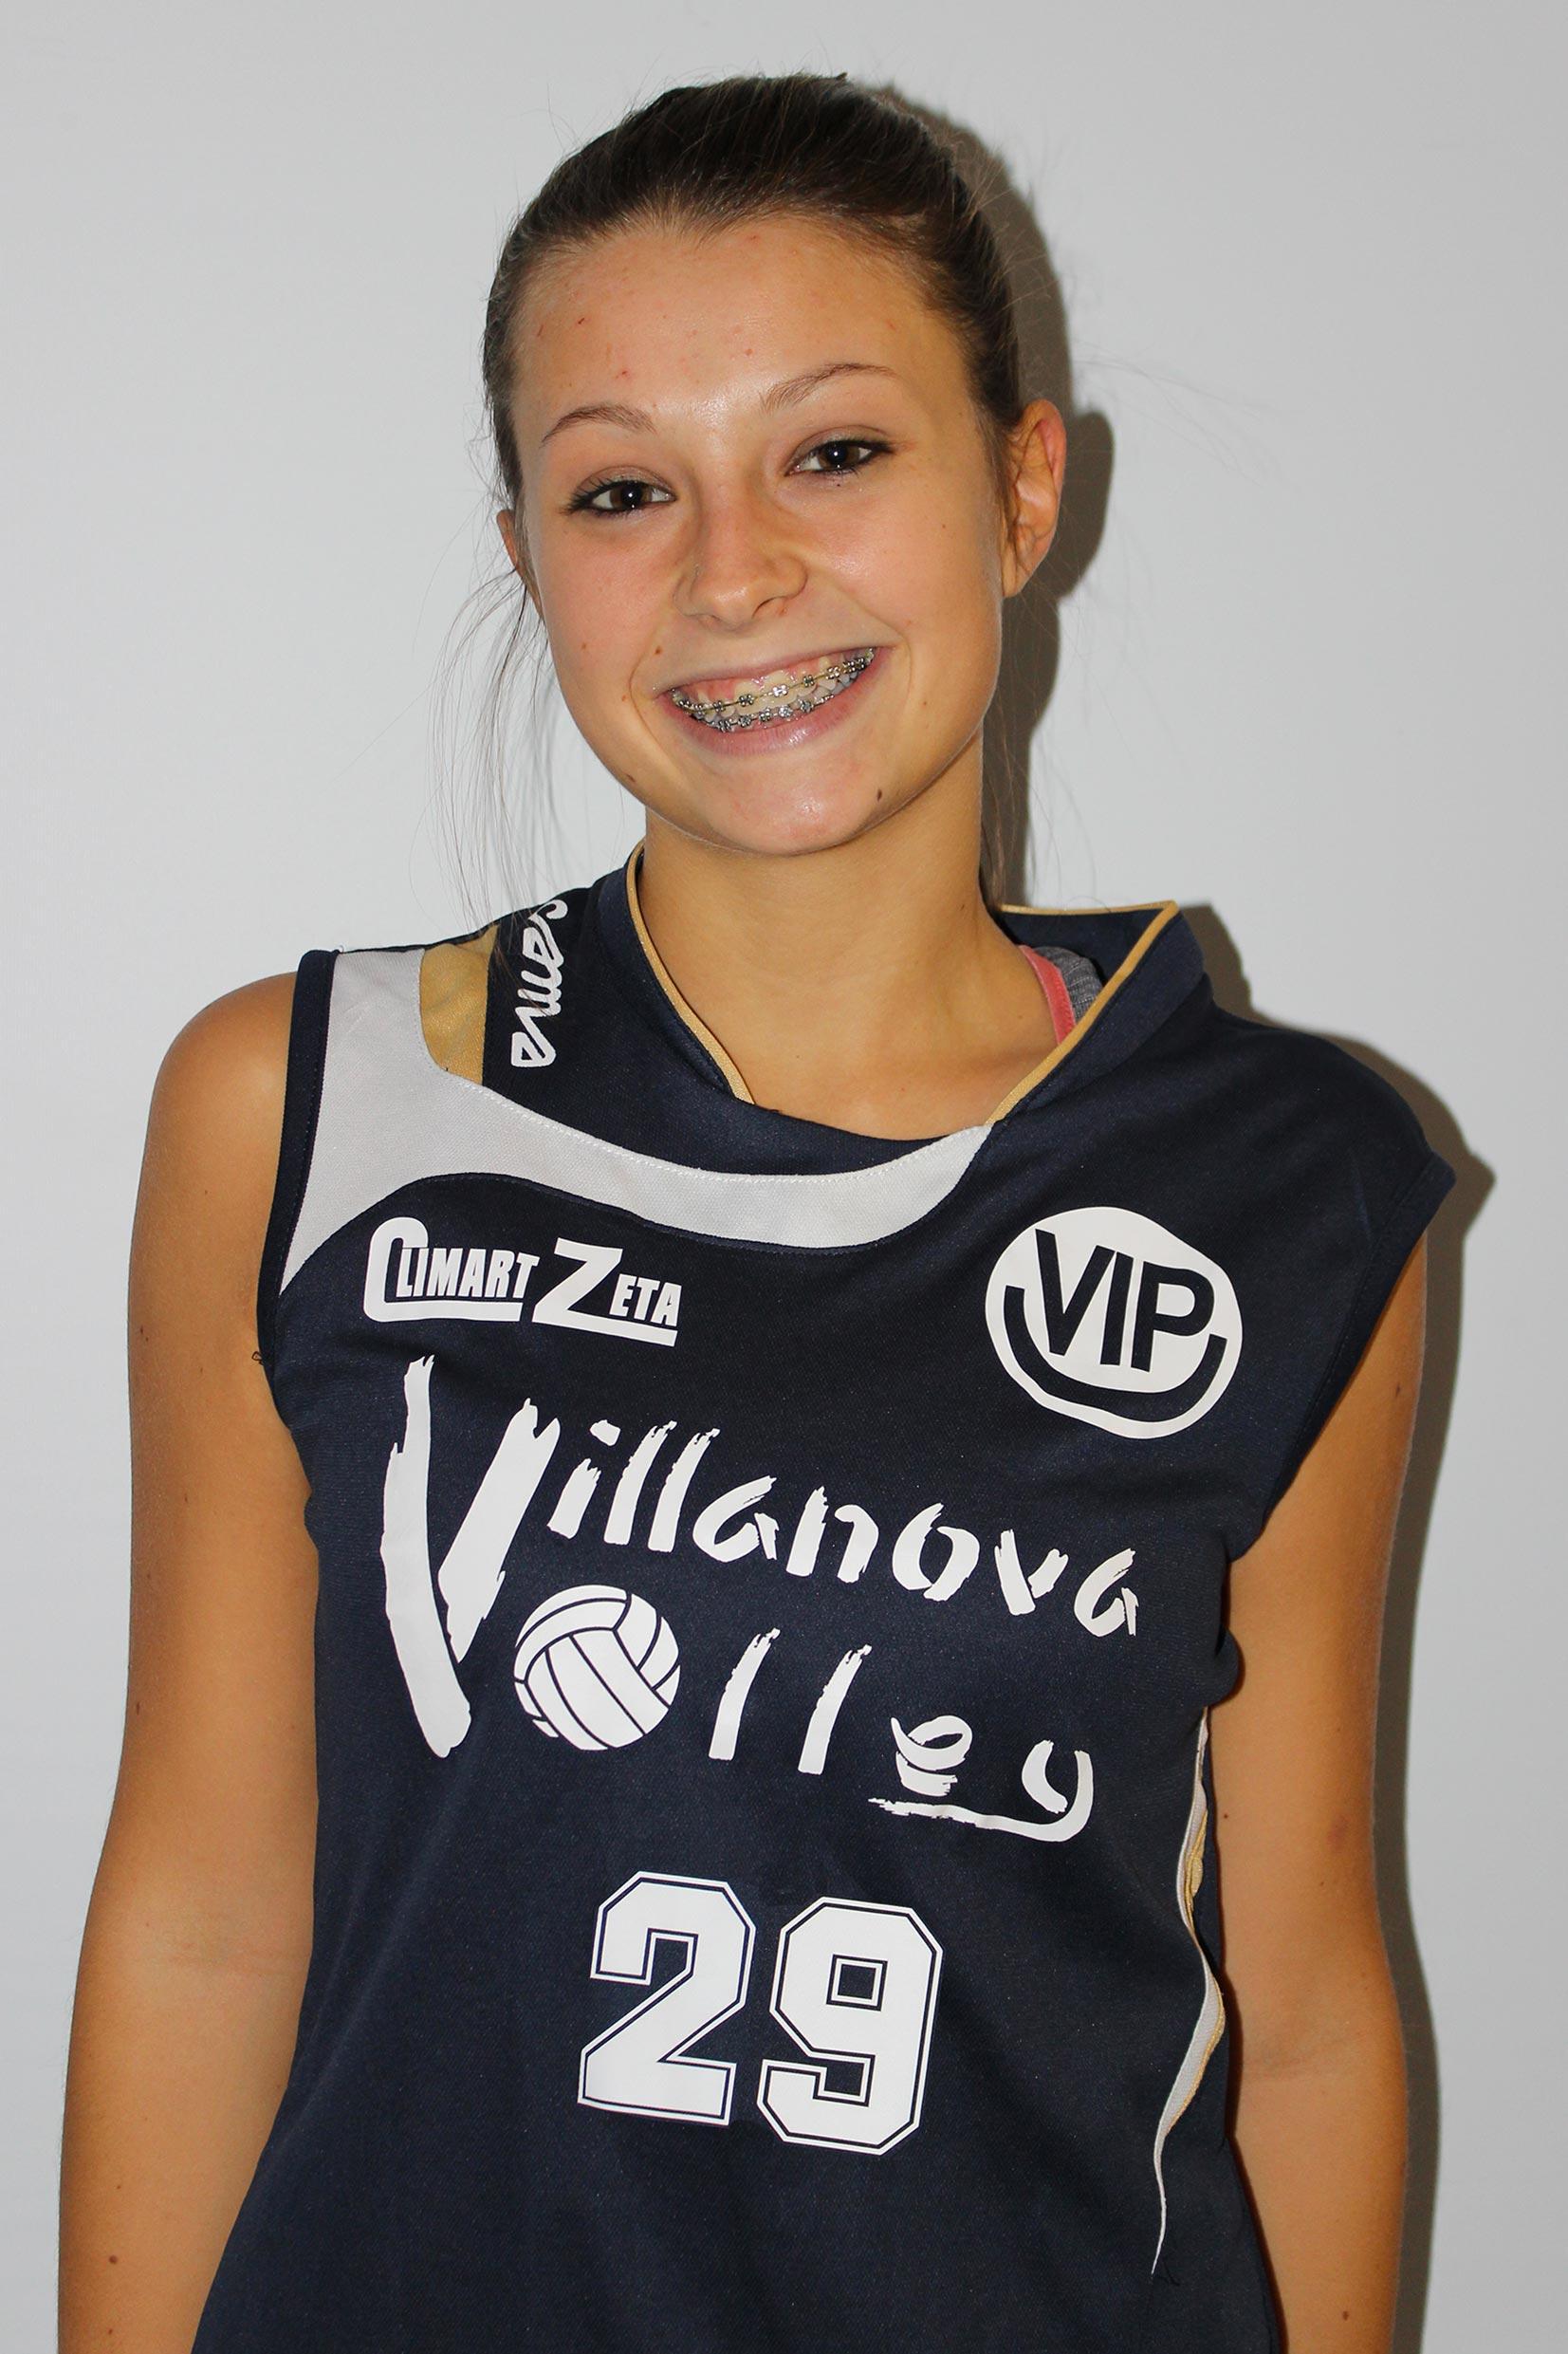 Linda Melotti